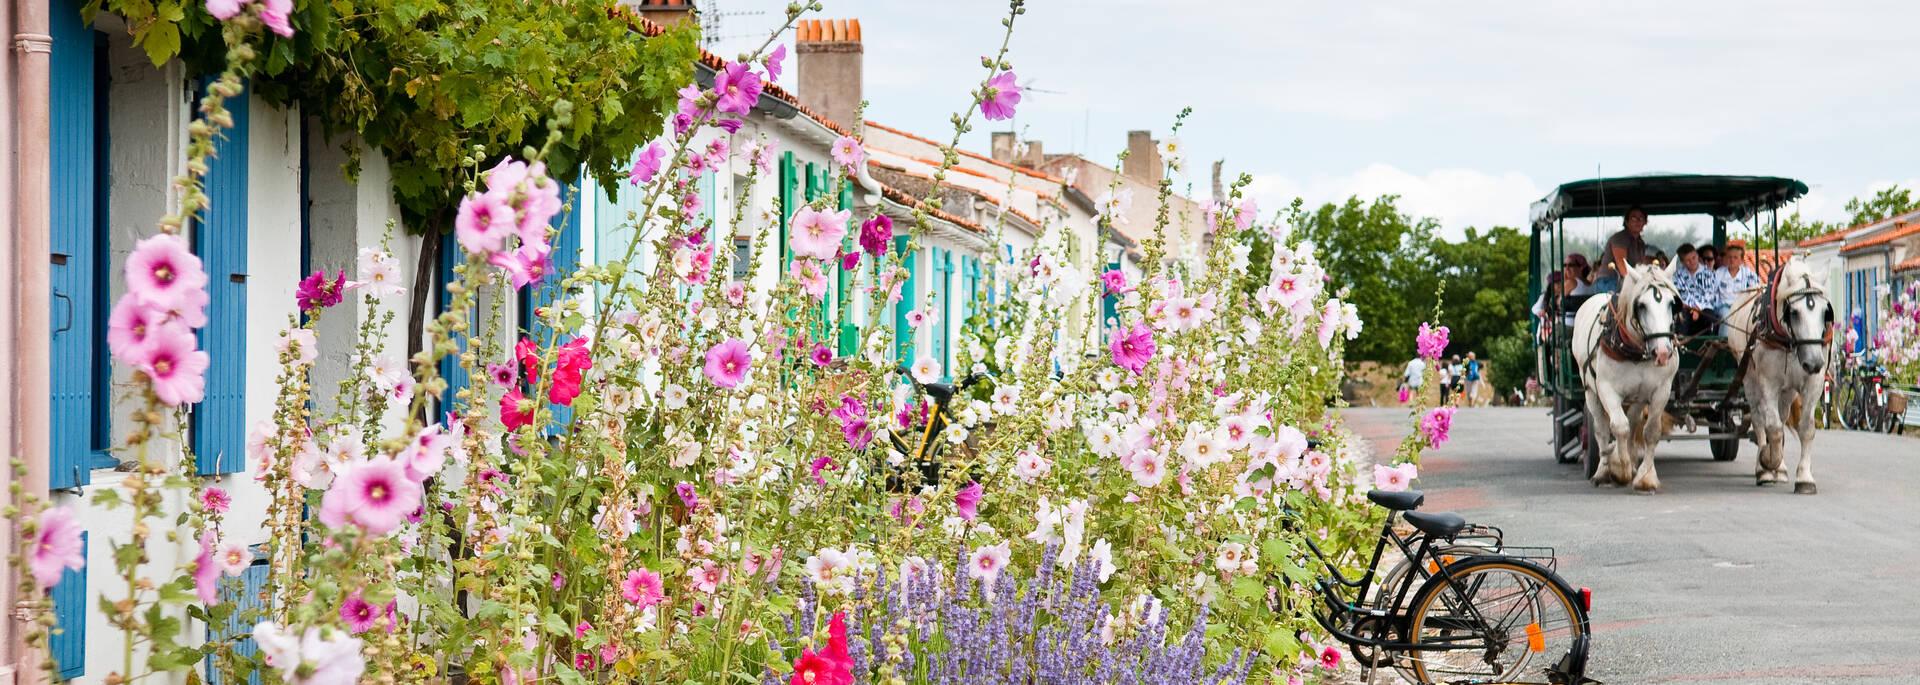 Tour commenté de l'île d'Aix en calèche - © Pascal Robin